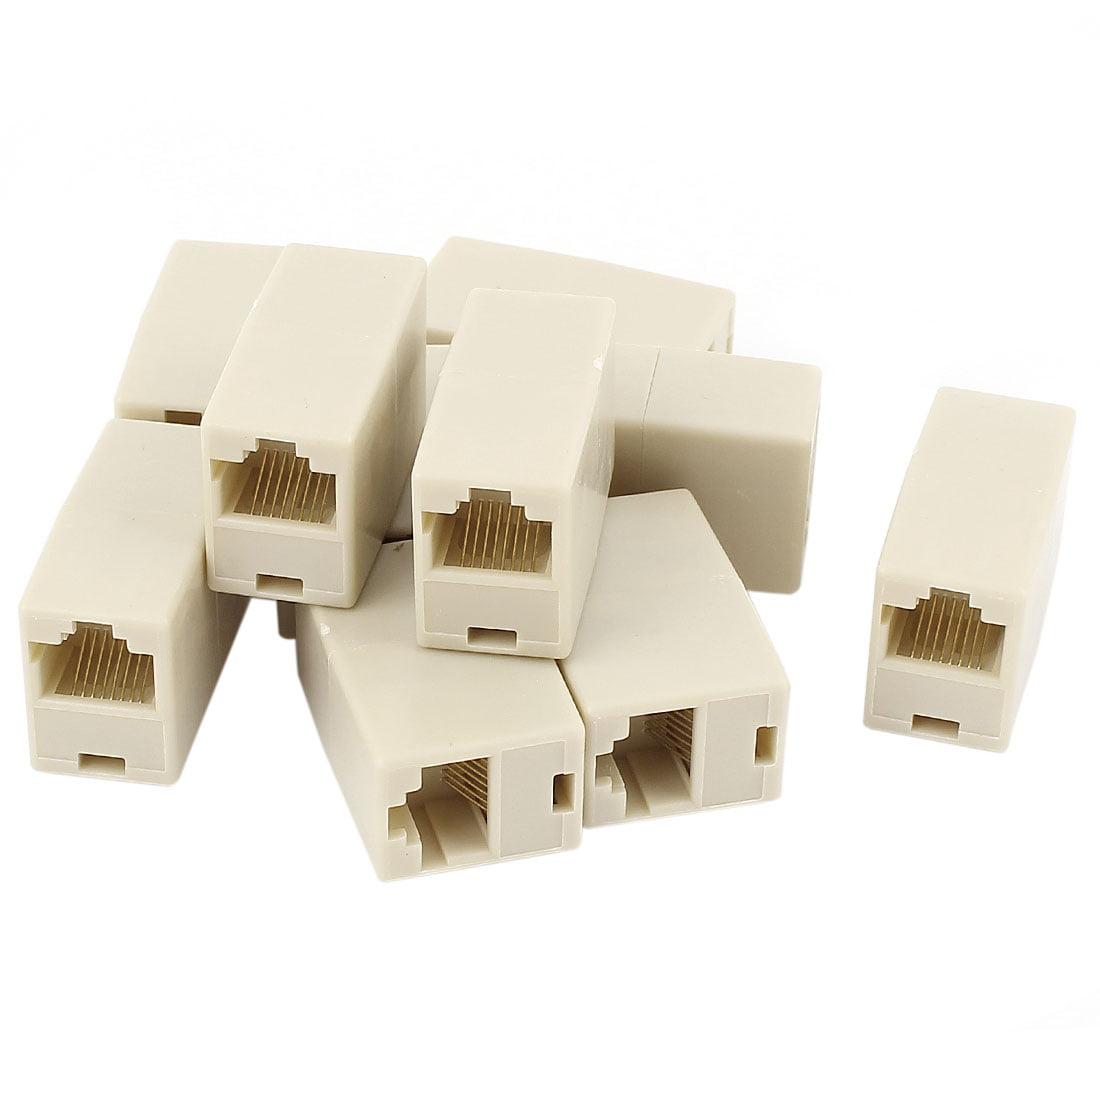 Unique Bargains Cat5 RJ45 Lan Network Ethernet Cable Extender Joiner Adapter Coupler 10 PCS